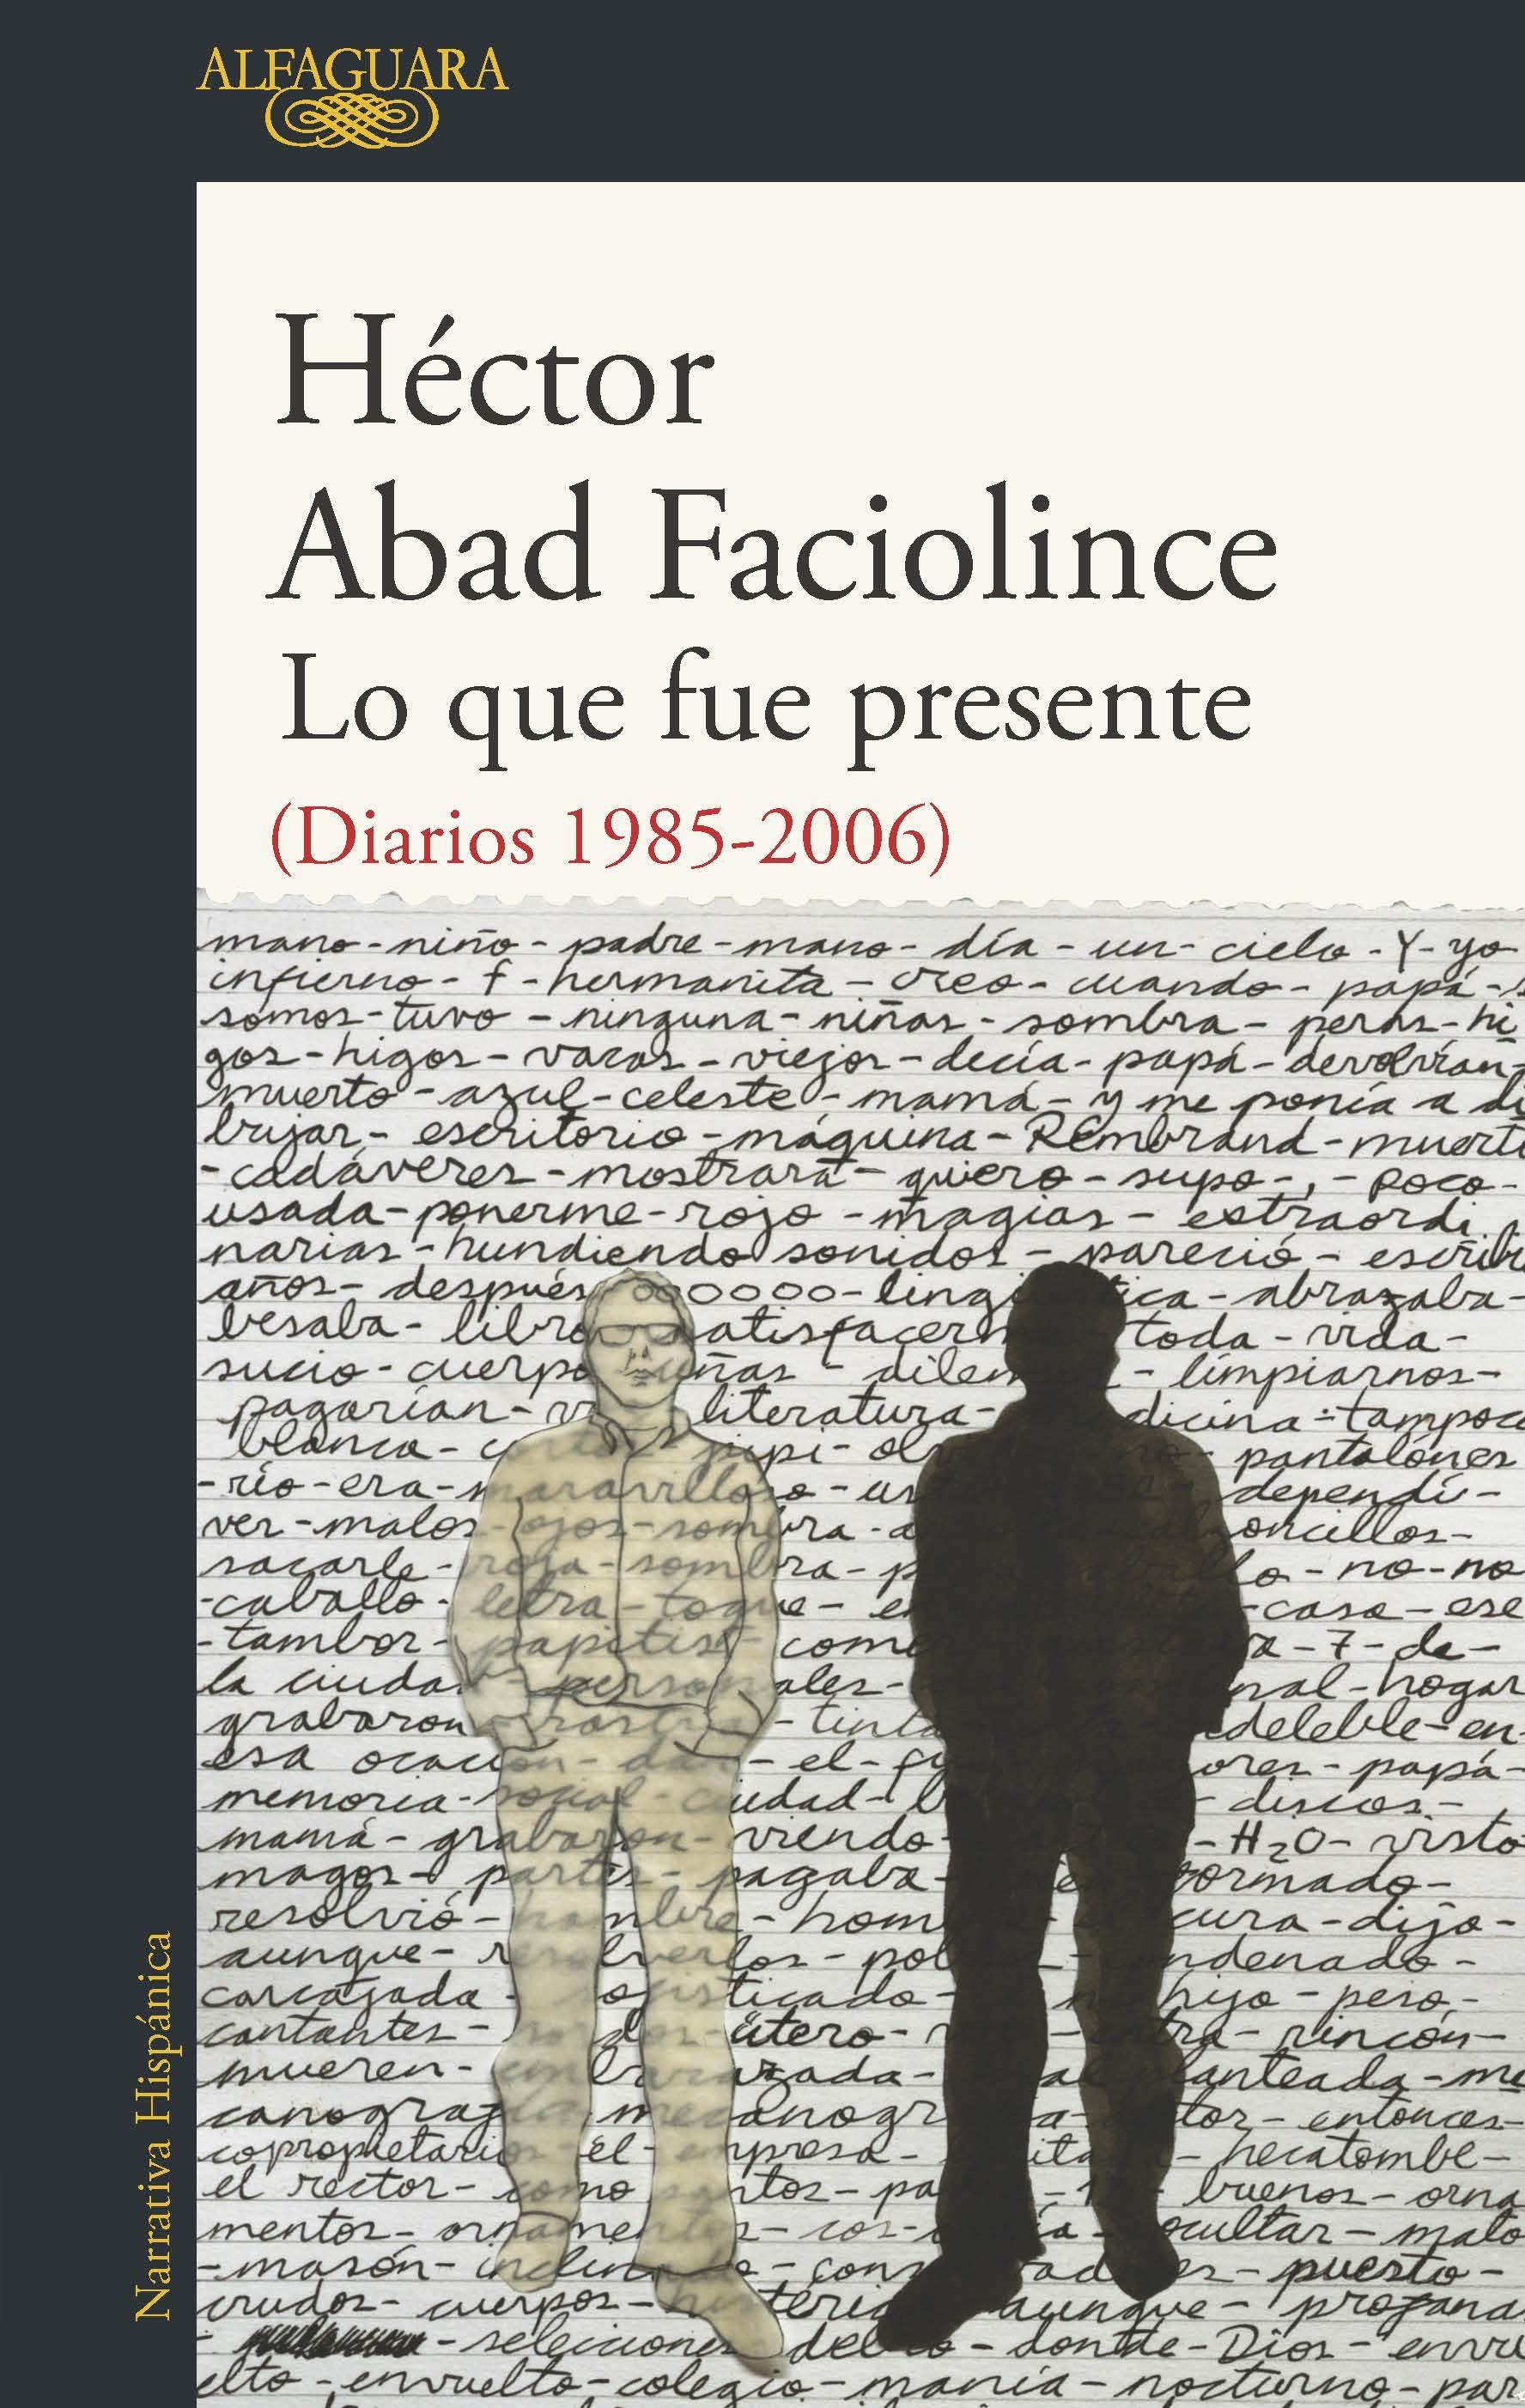 LO QUE FUE PRESENTE EBOOK | HECTOR ABAD FACIOLINCE